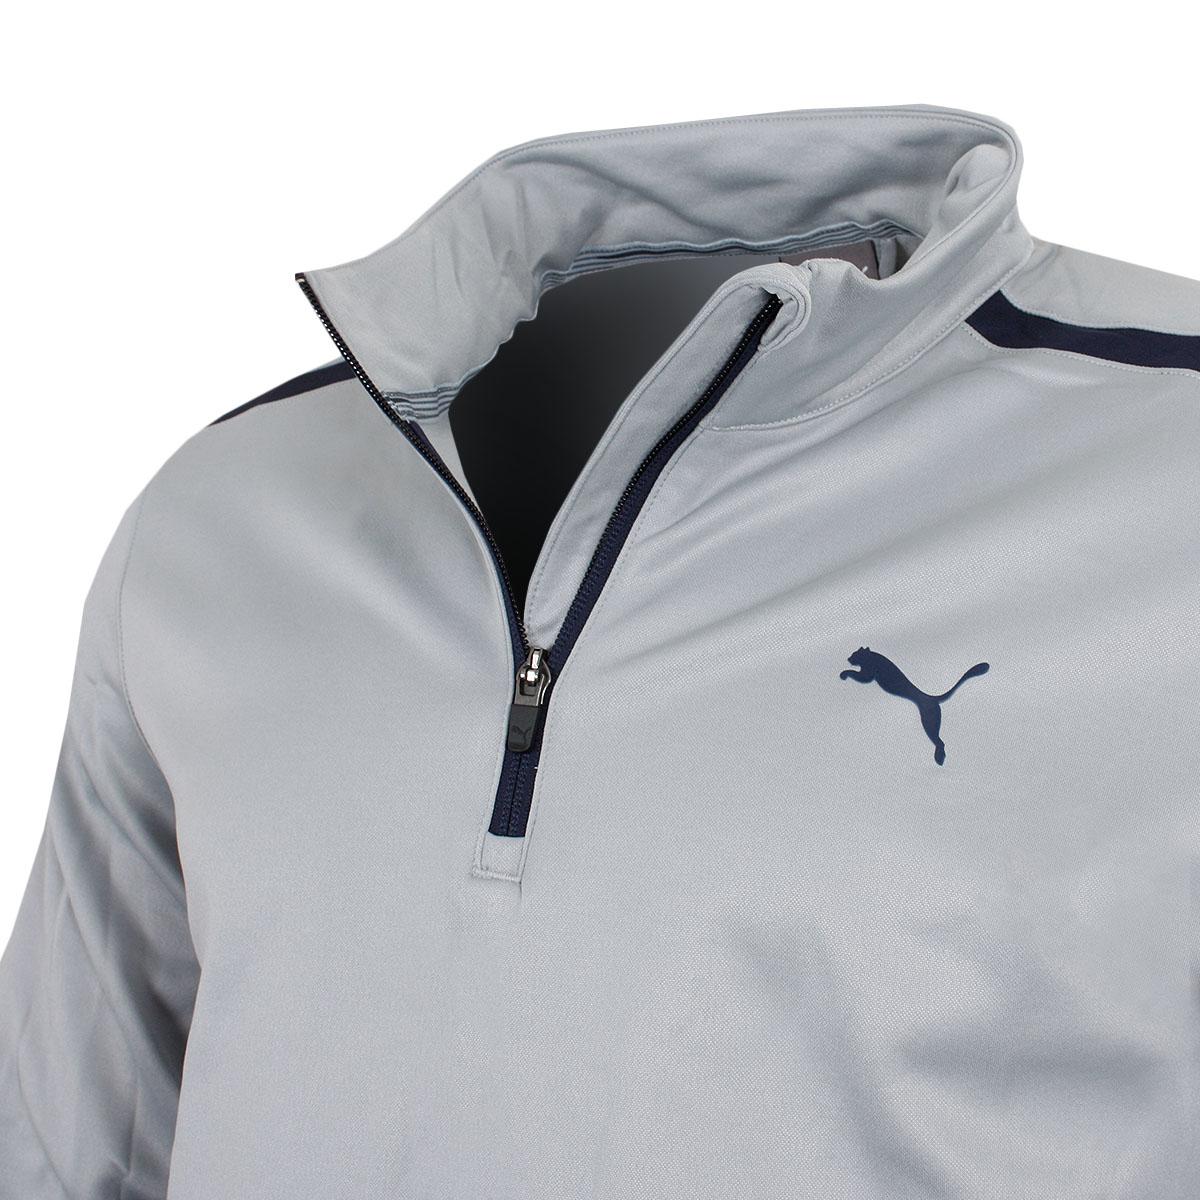 Puma-Golf-Mens-Midweight-1-4-Zip-Moisture-Wicking-WarmCELL-Fleece-46-OFF-RRP thumbnail 10